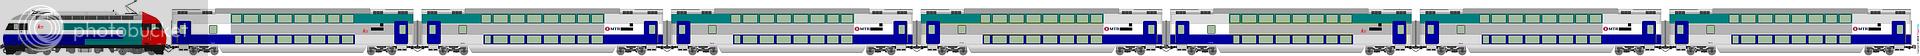 鐵路列車 1992